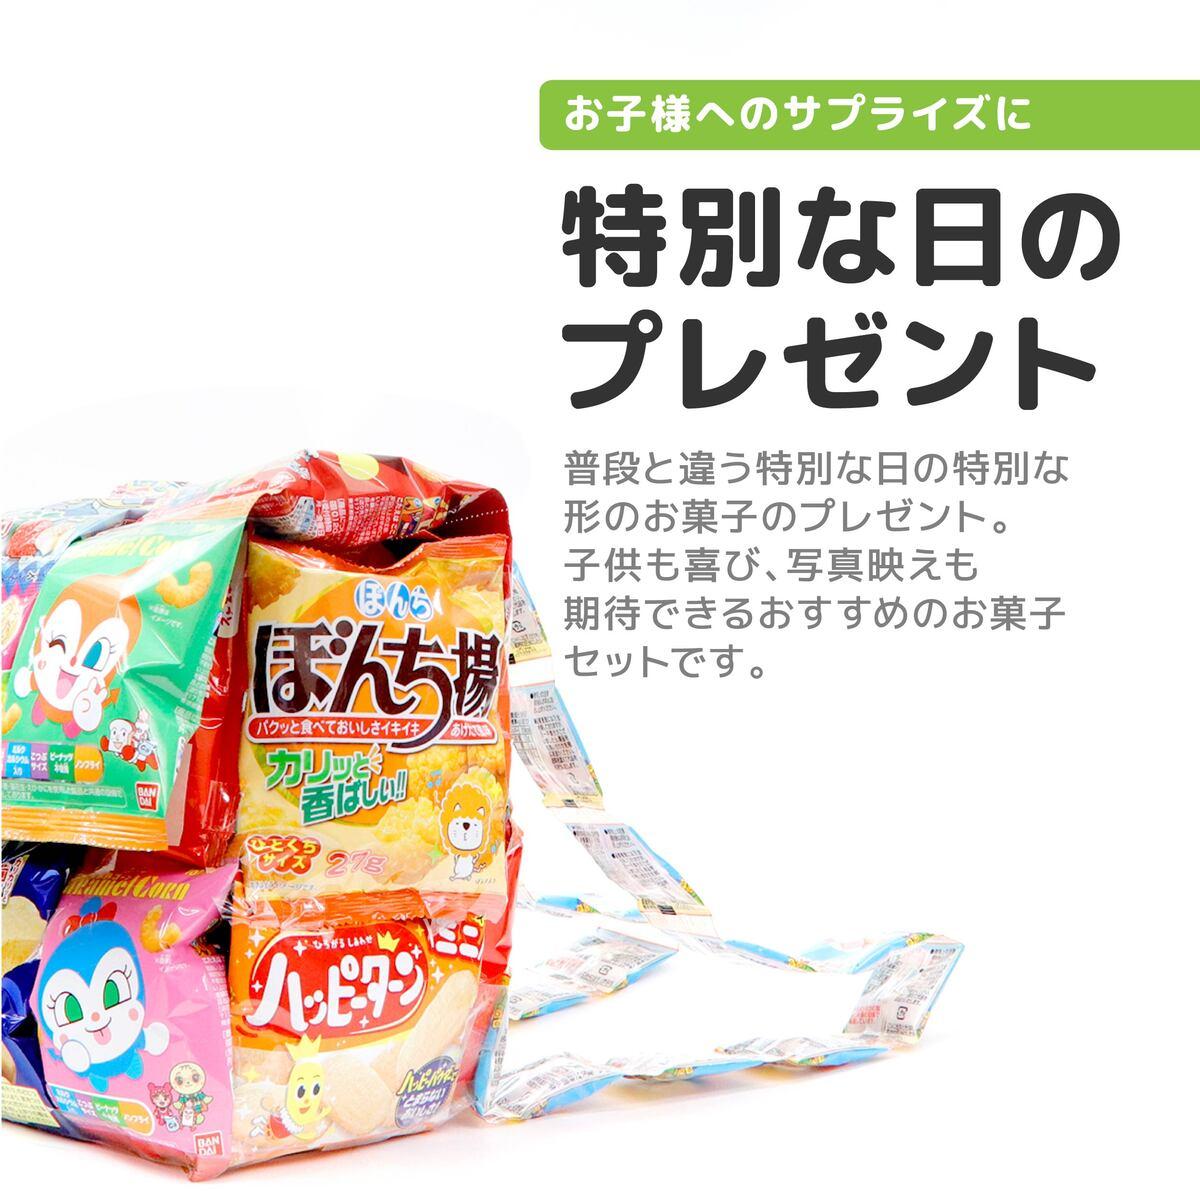 お菓子リュック(M)完成品 おかしリュック お菓子詰め合わせ 誕生日 サプライズ